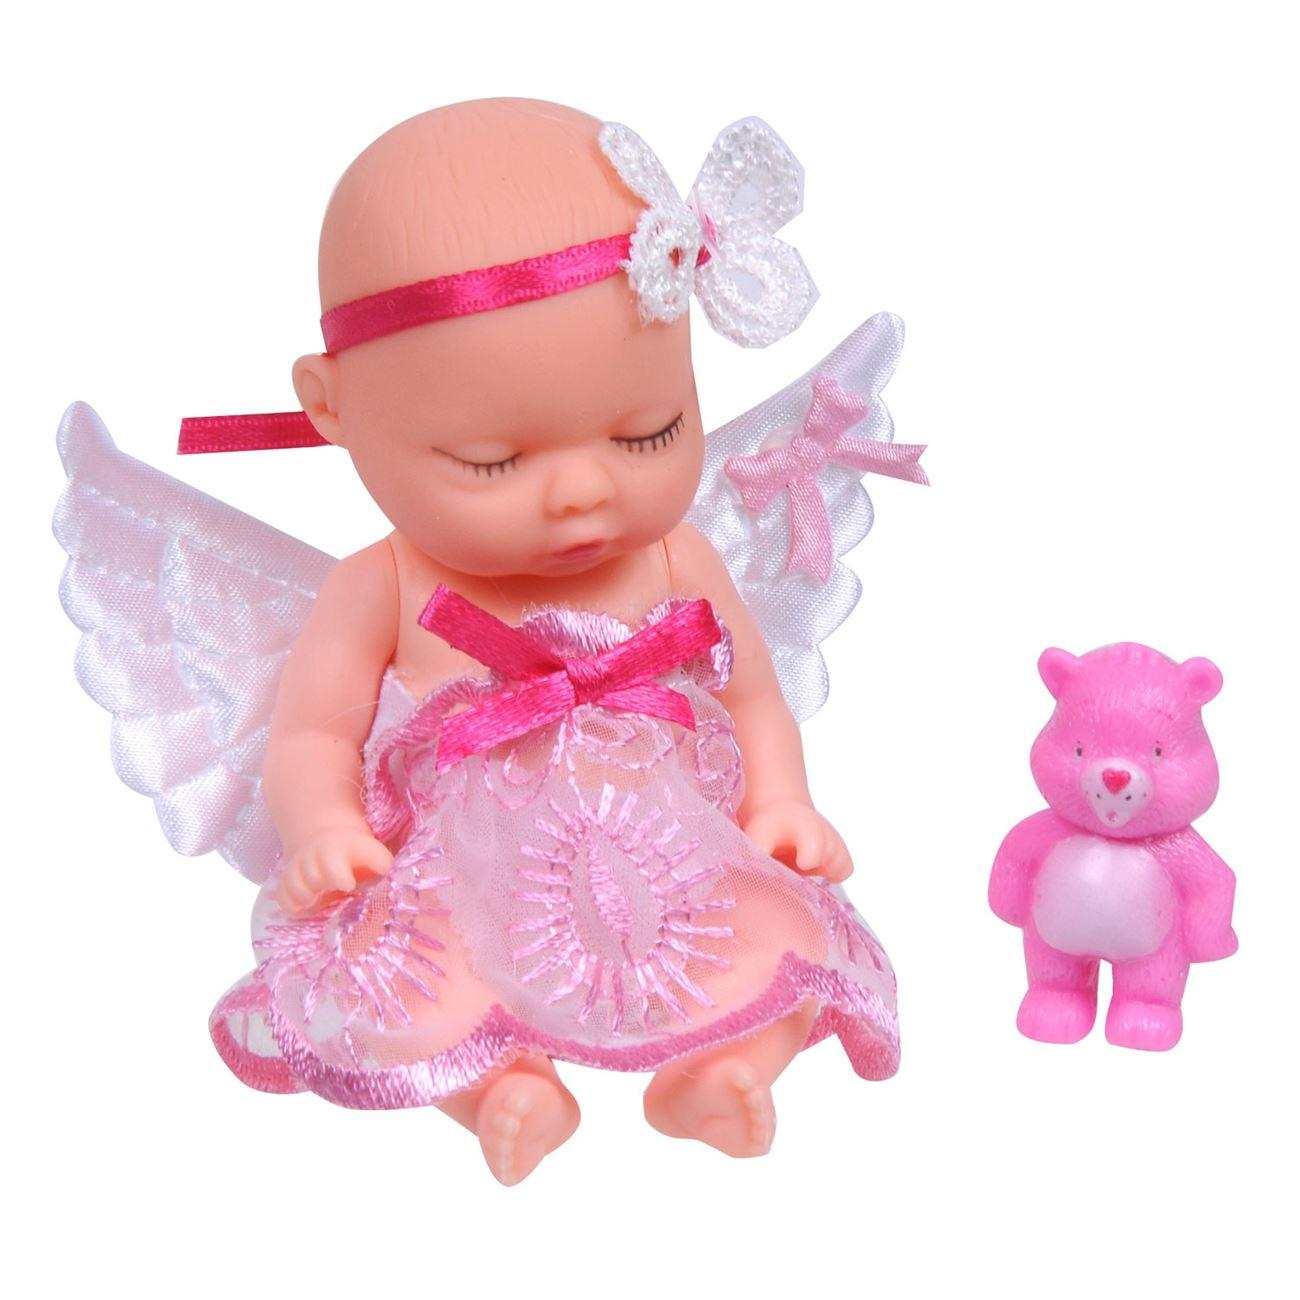 270fb1632b4 Κούκλα Μωρό Αγγελάκι < Μωράκια | Jumbo